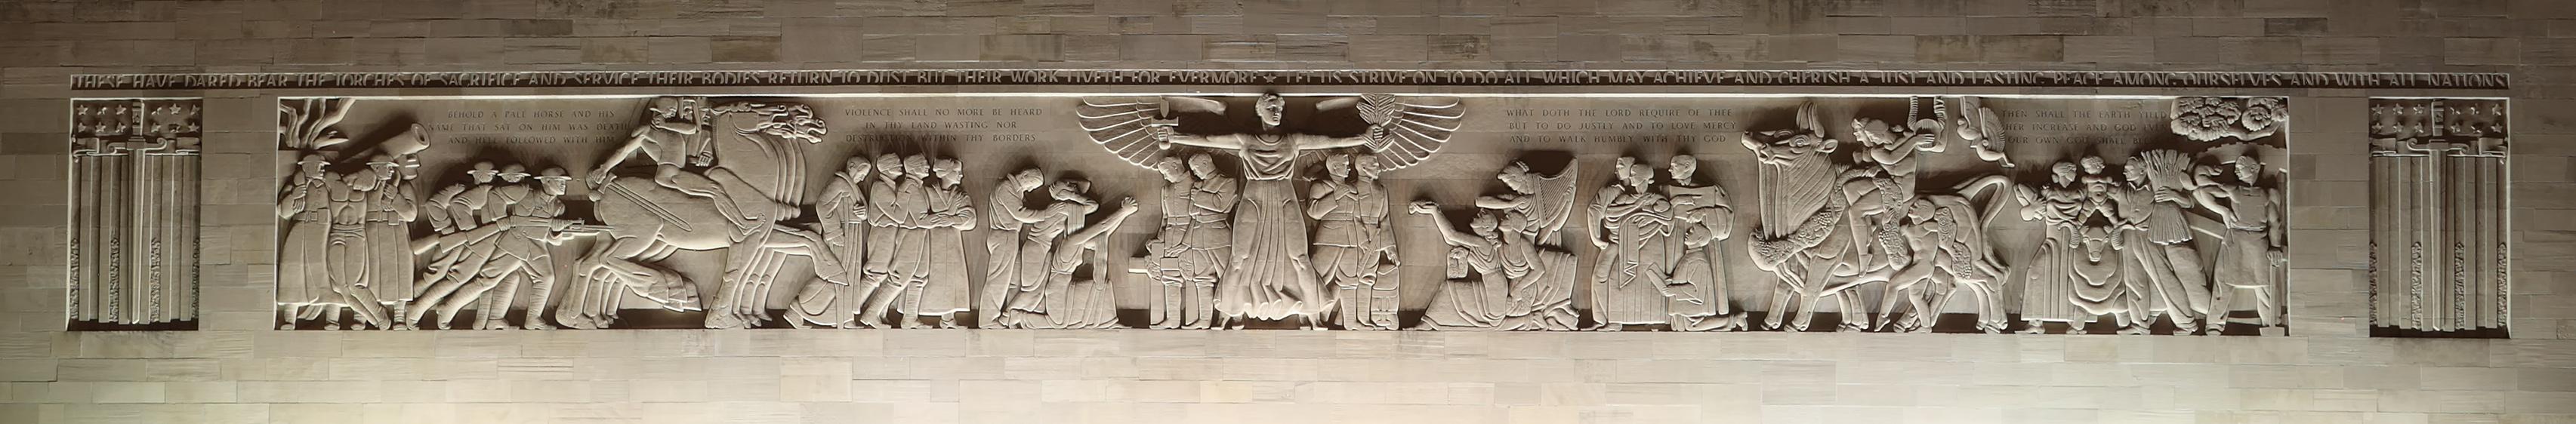 [Image: Kansascitylibertymemorialsculpture.jpg]